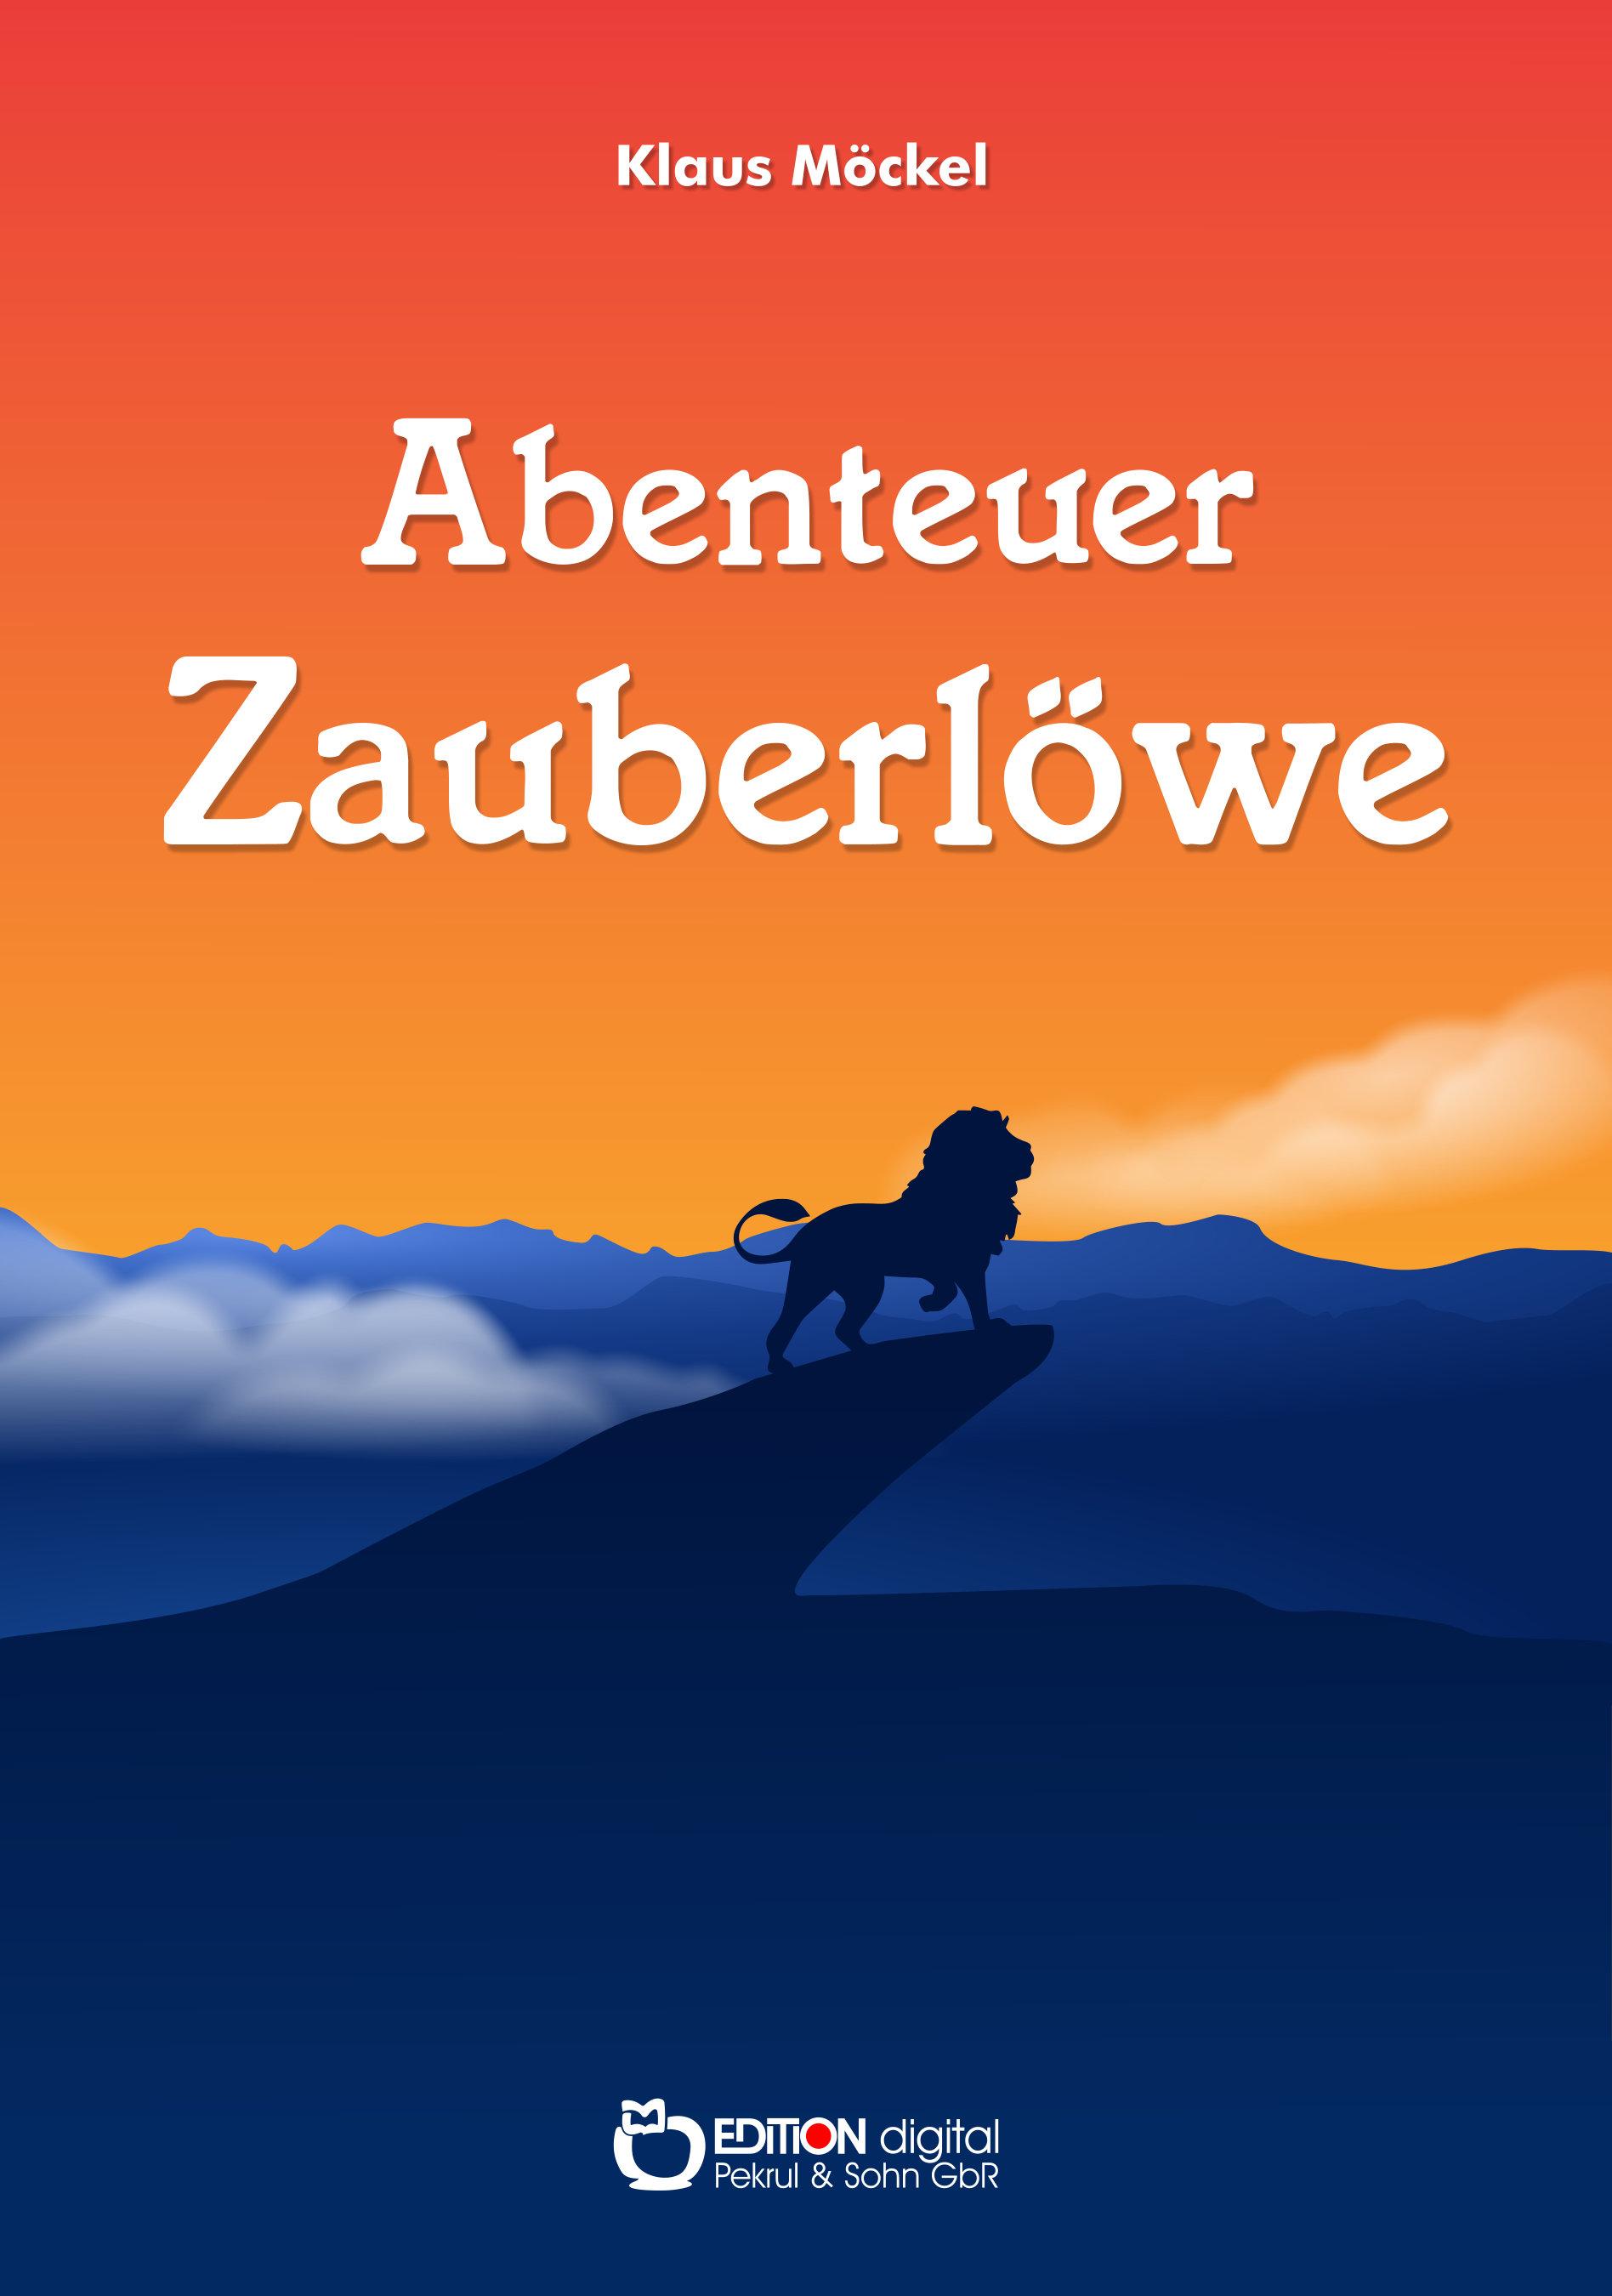 Abenteuer Zauberlöwe von Klaus Möckel